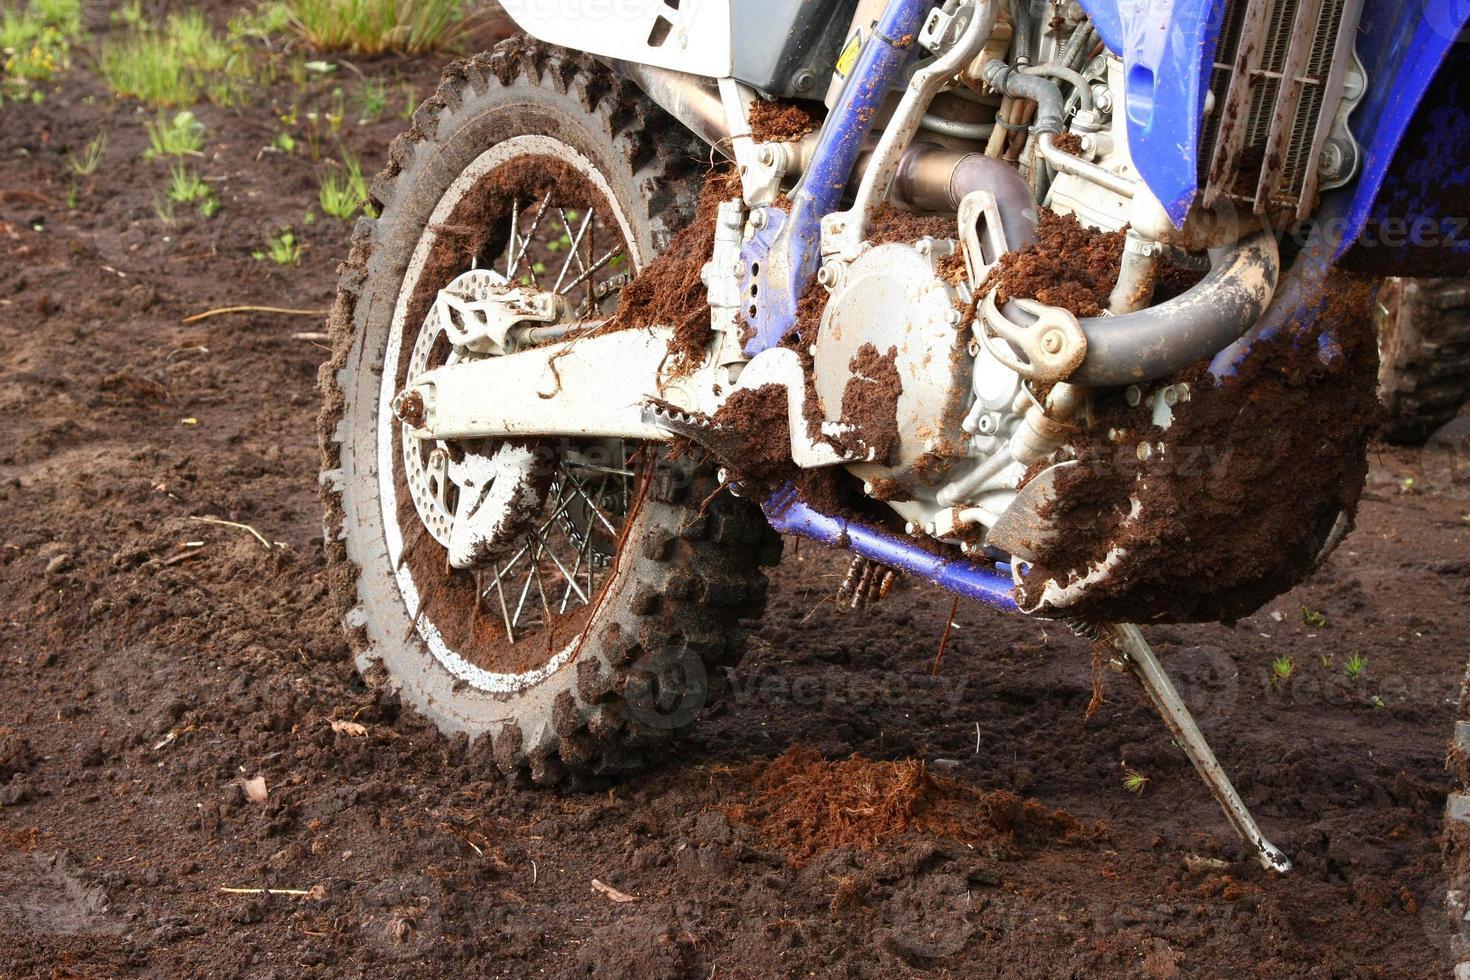 roda traseira enlameada da bicicleta da sujeira foto